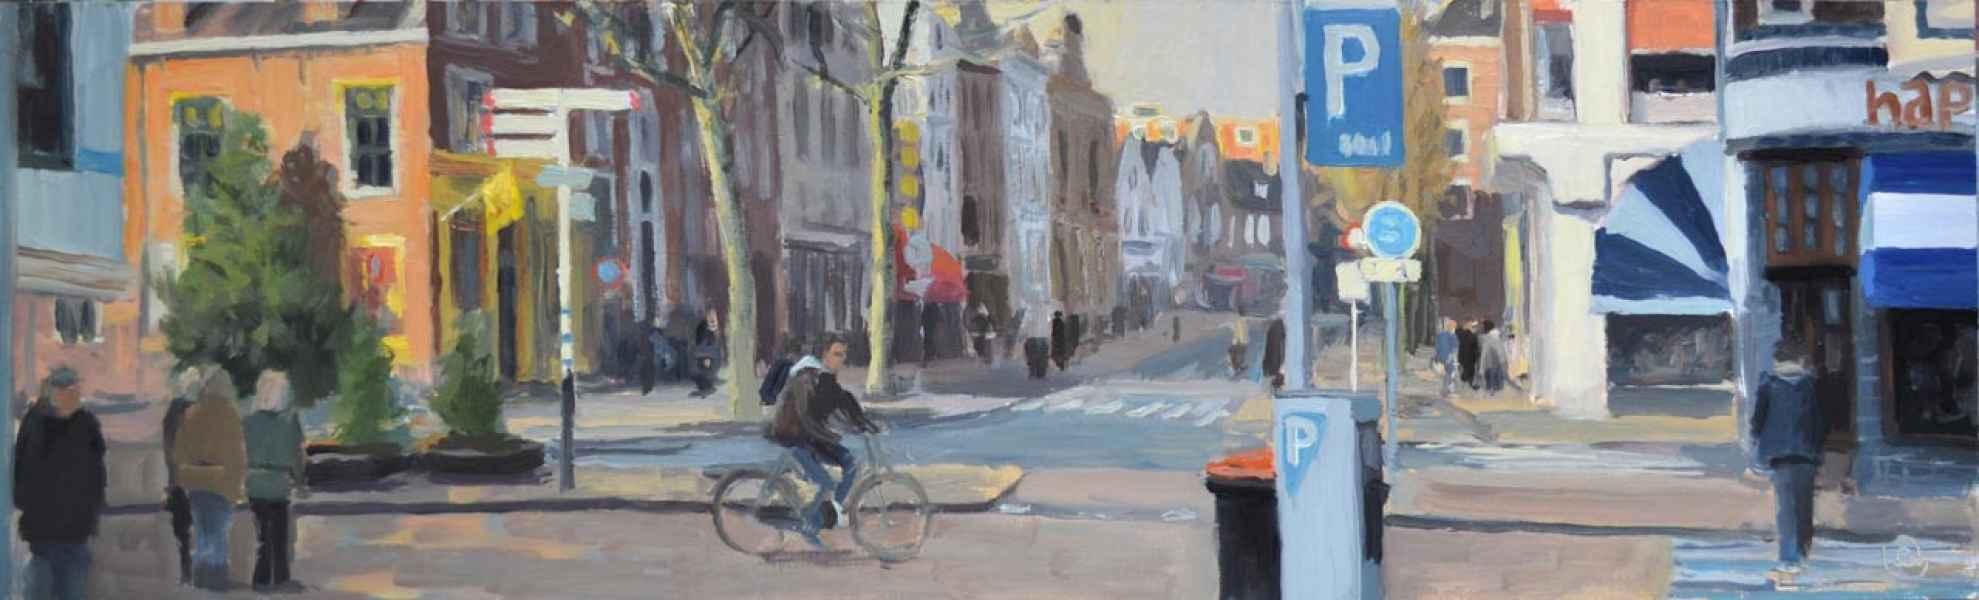 22 oosterstraat